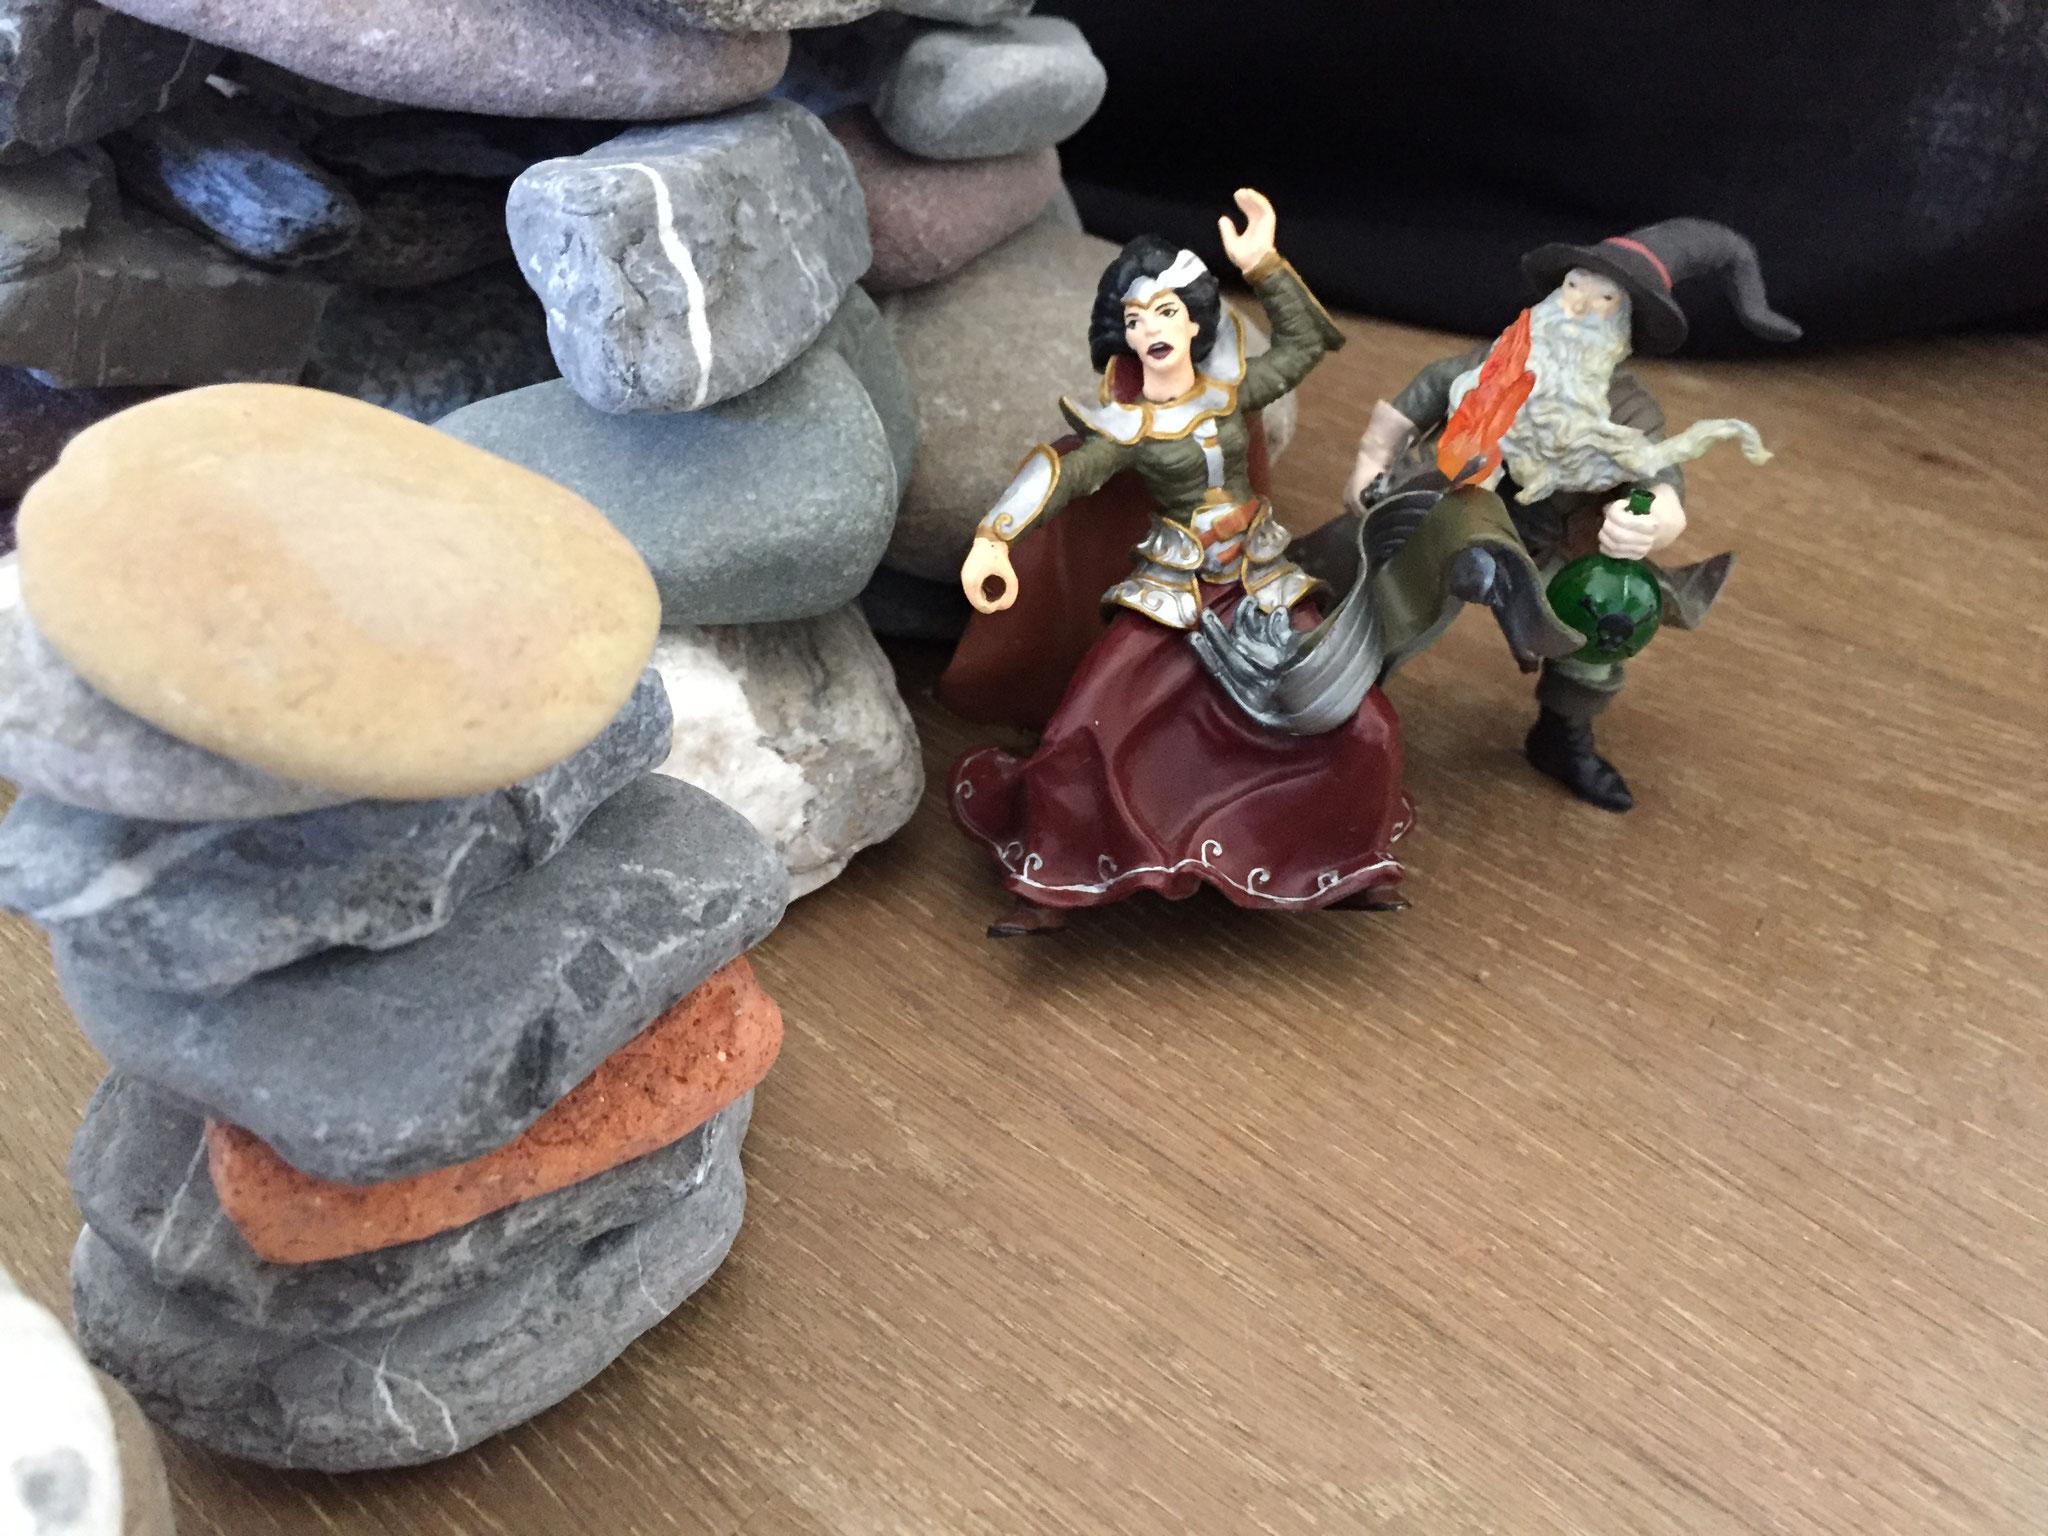 Der Zauberer befreite die Prinzessin.